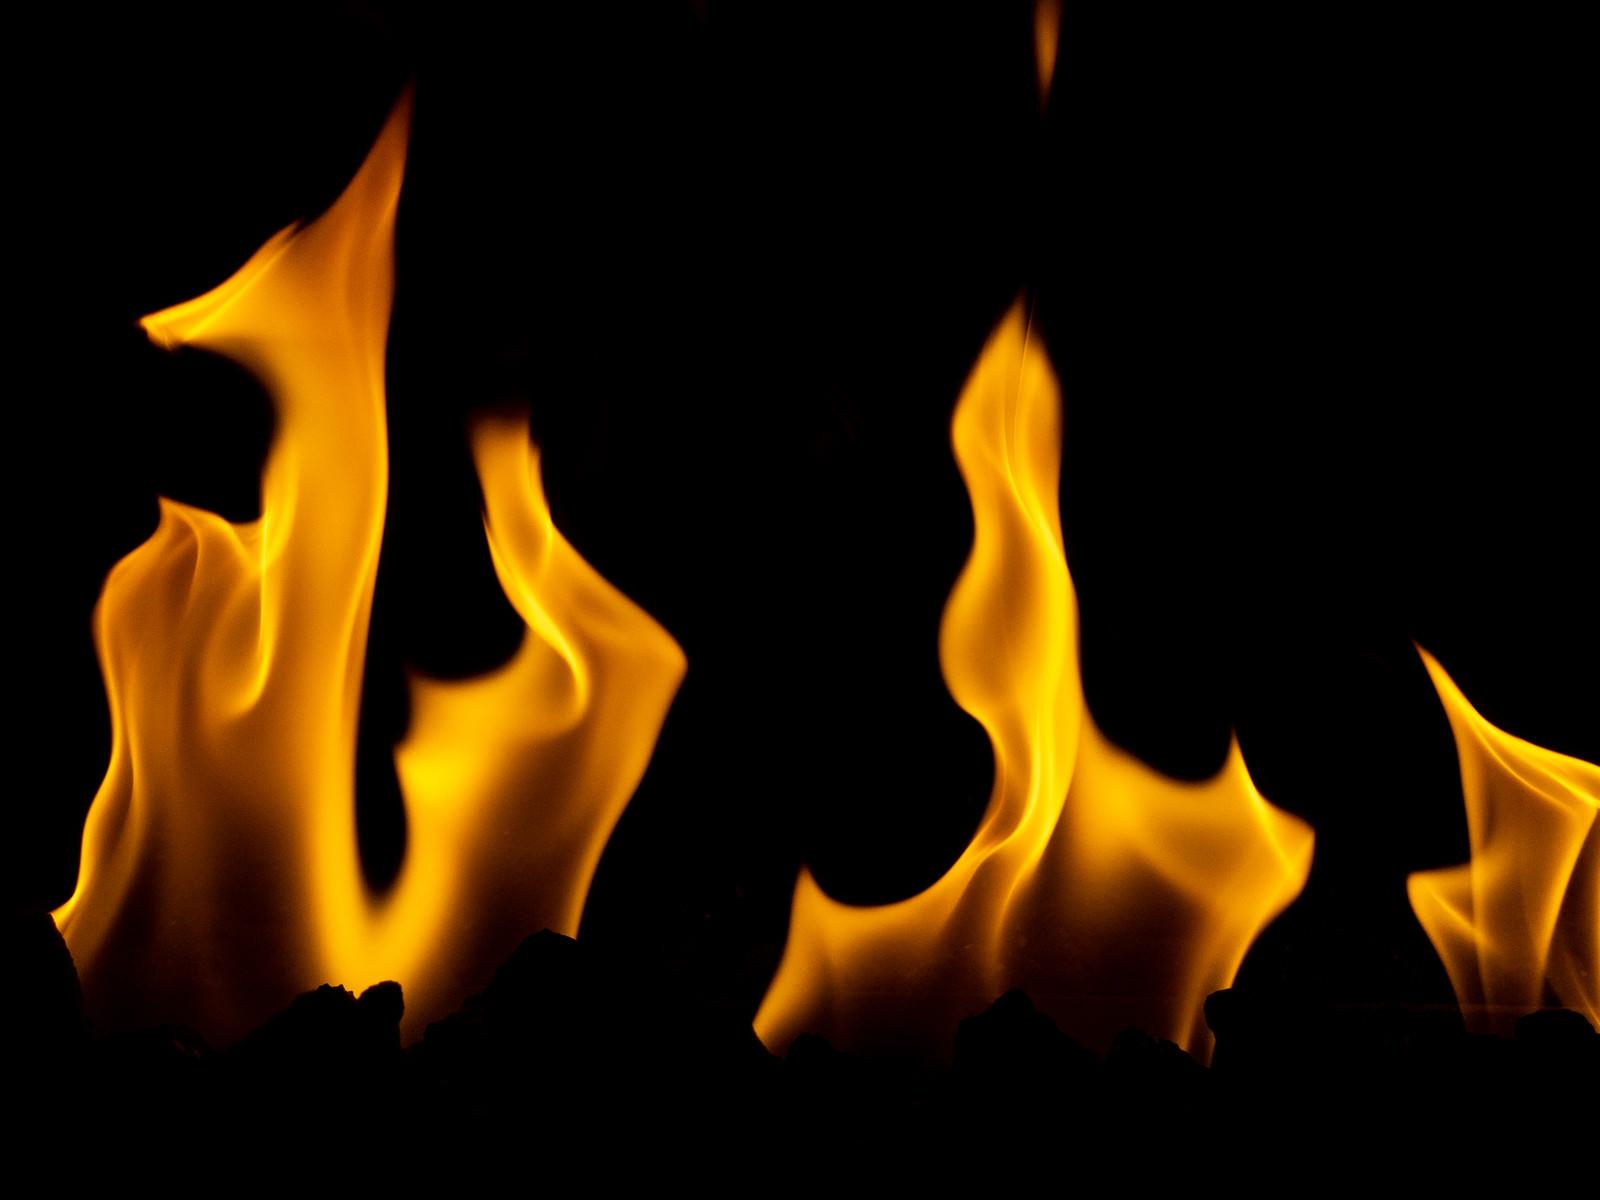 「火炎」の写真